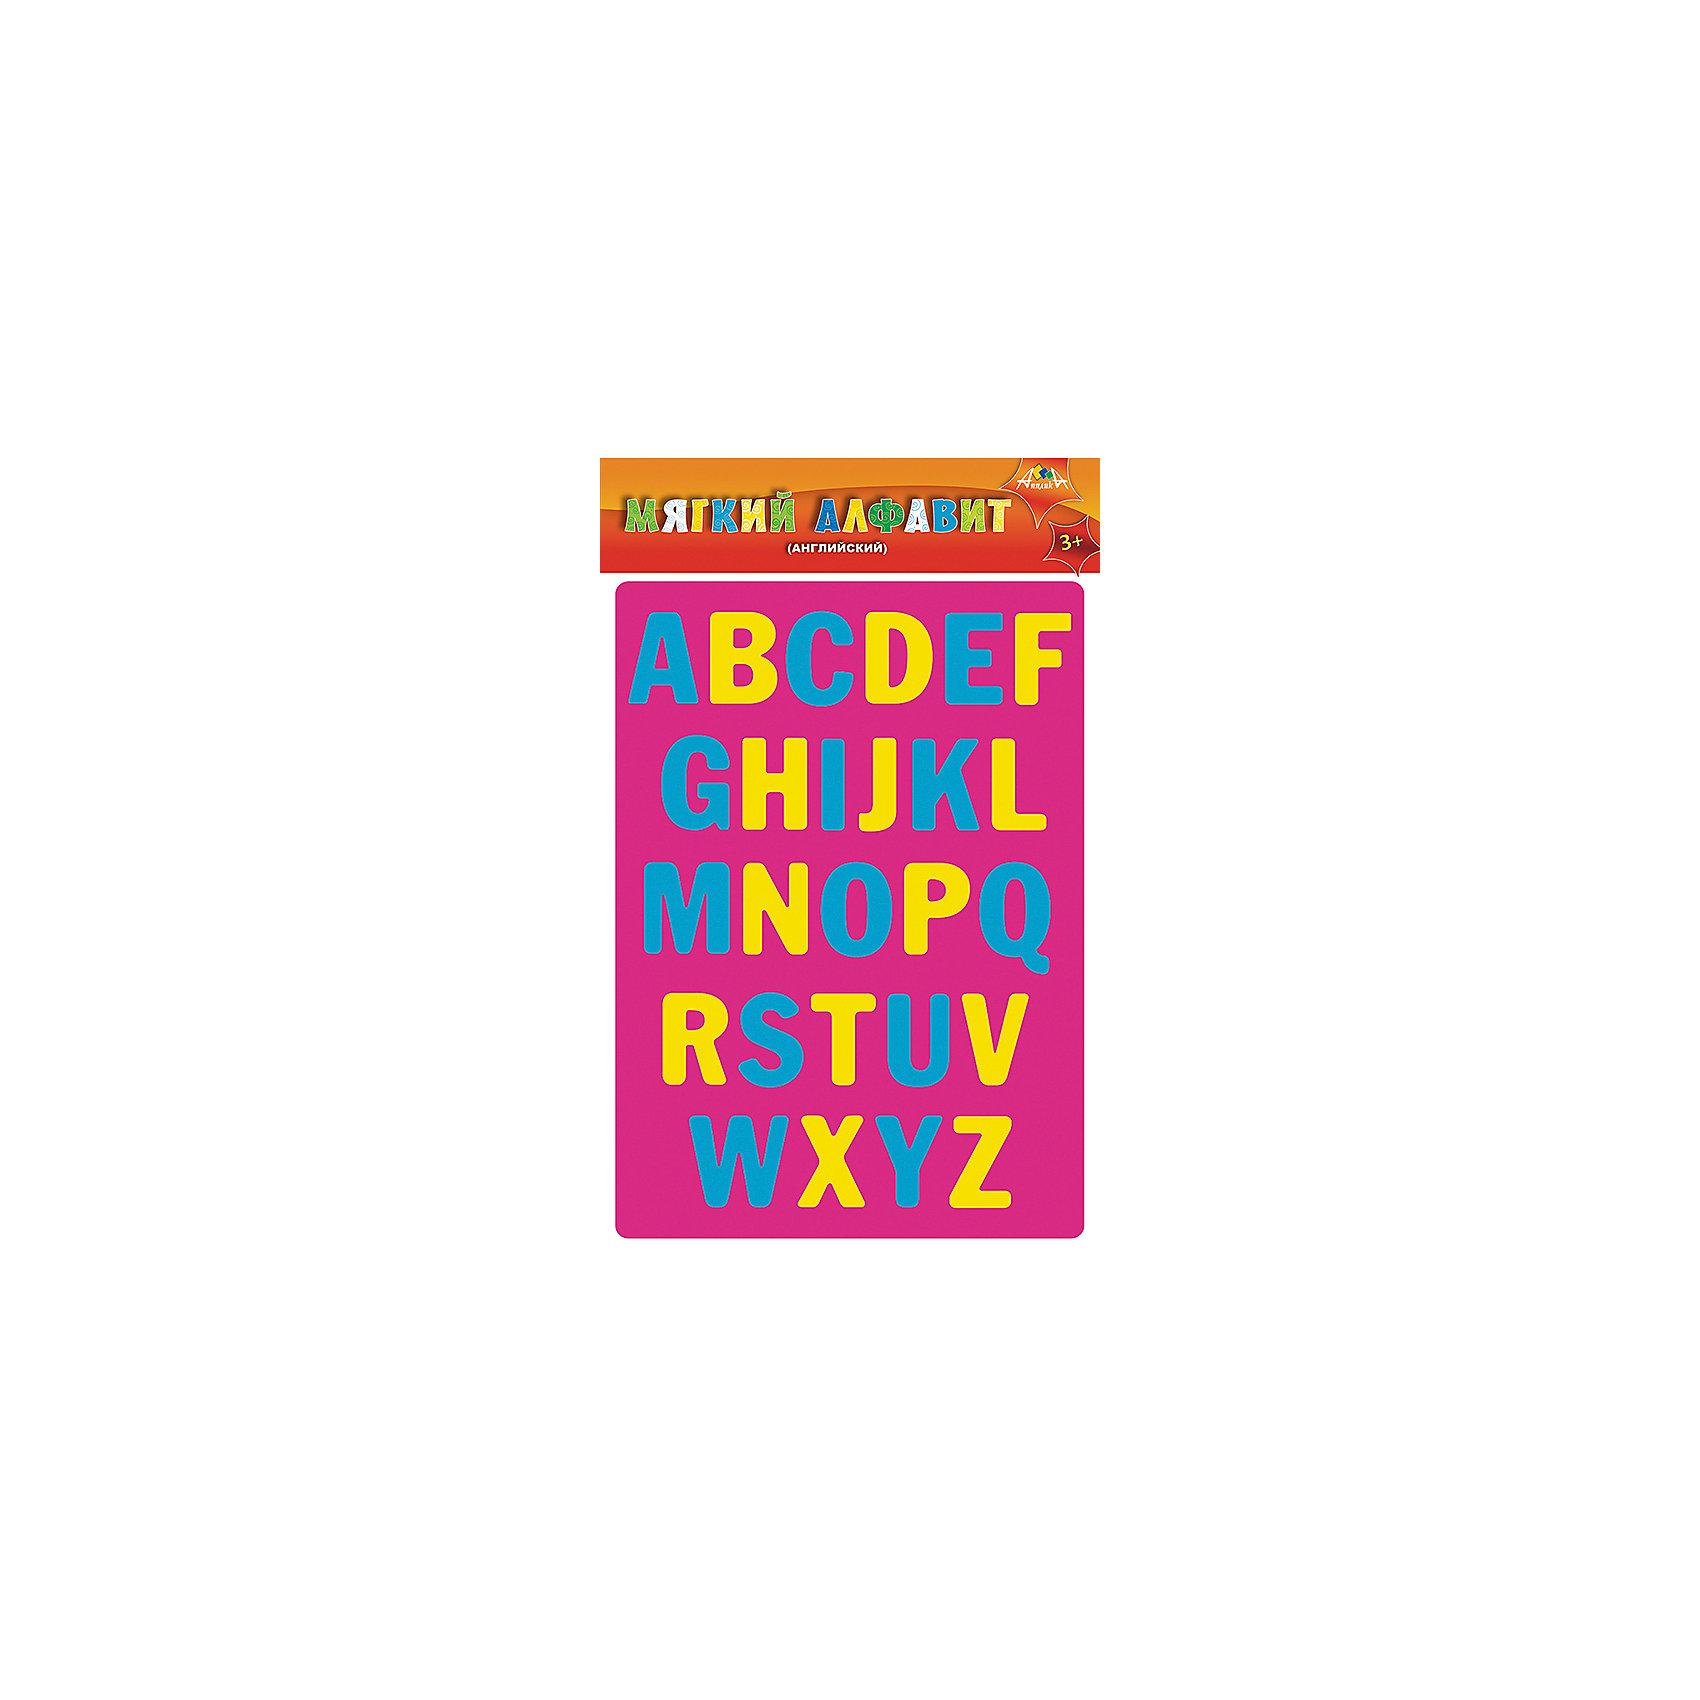 Набор для детского творчества Мягкая Азбука и АлфавитКасса букв<br>Характеристики:<br><br>• возраст: от 3 лет<br>• комплектация: набор букв, набор цифр, математические знаки, шнуровка<br>• материал: мягкий пластик<br>• размер упаковки: 42х23х3 см.<br>• вес: 260 гр.<br><br>Этот замечательный набор поможет малышу освоить буквы английского и русского алфавита, познакомится с цифрами и научится решать простые примеры, а игра-шнуровка развить сенсорную координацию и мелкую моторику рук.<br><br>Набор для детского творчества «Мягкая Азбука и Алфавит» можно купить в нашем интернет-магазине.<br><br>Ширина мм: 420<br>Глубина мм: 230<br>Высота мм: 30<br>Вес г: 260<br>Возраст от месяцев: 36<br>Возраст до месяцев: 2147483647<br>Пол: Унисекс<br>Возраст: Детский<br>SKU: 7033671